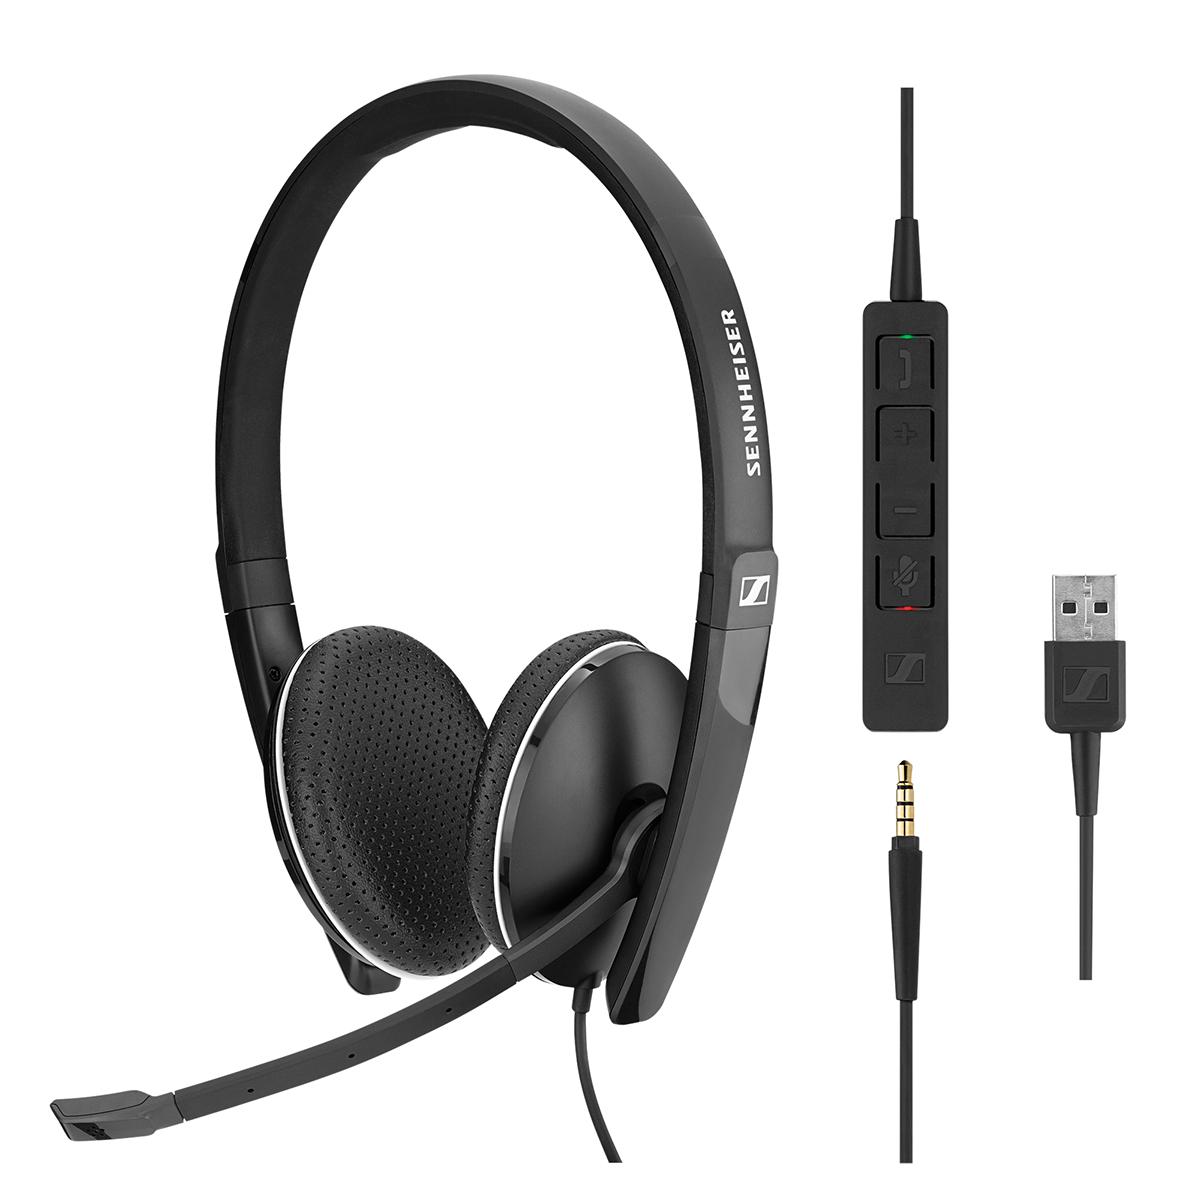 EPOS Sennheiser SC165 USB Stereo Headset